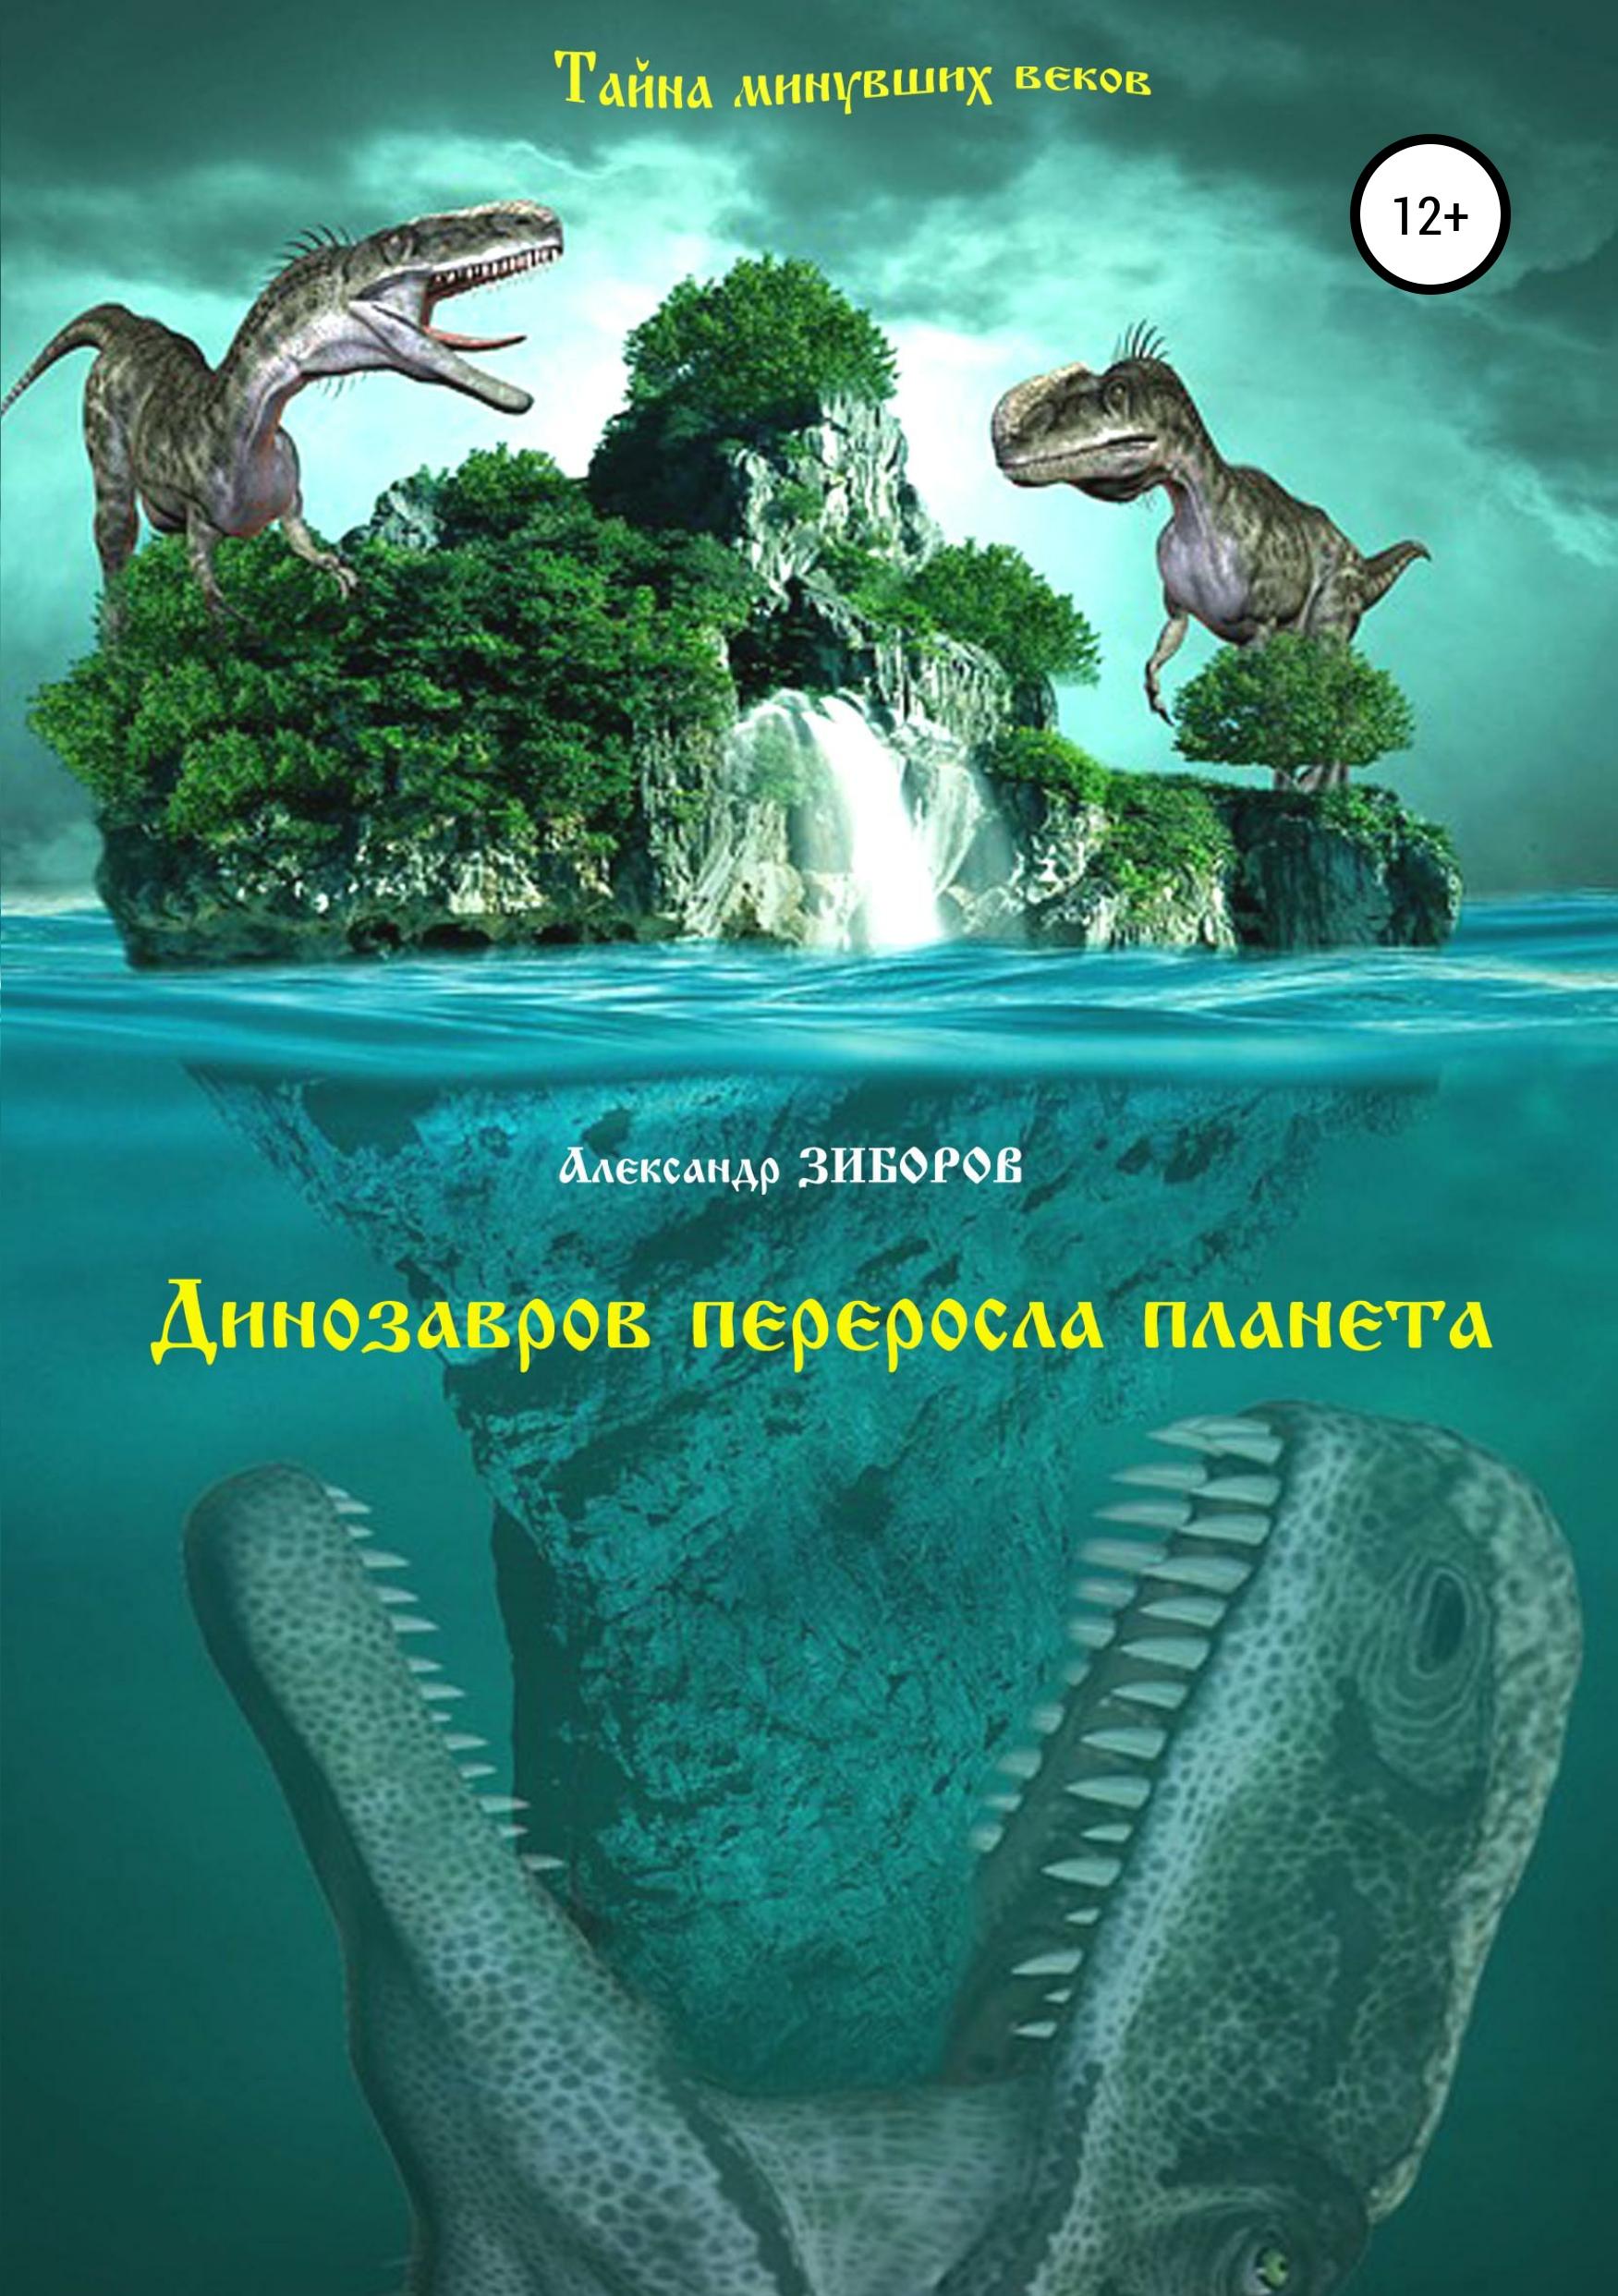 Александр Зиборов Динозавров переросла планета былого ищу следы поиски находки загадки гипотезы размышления…